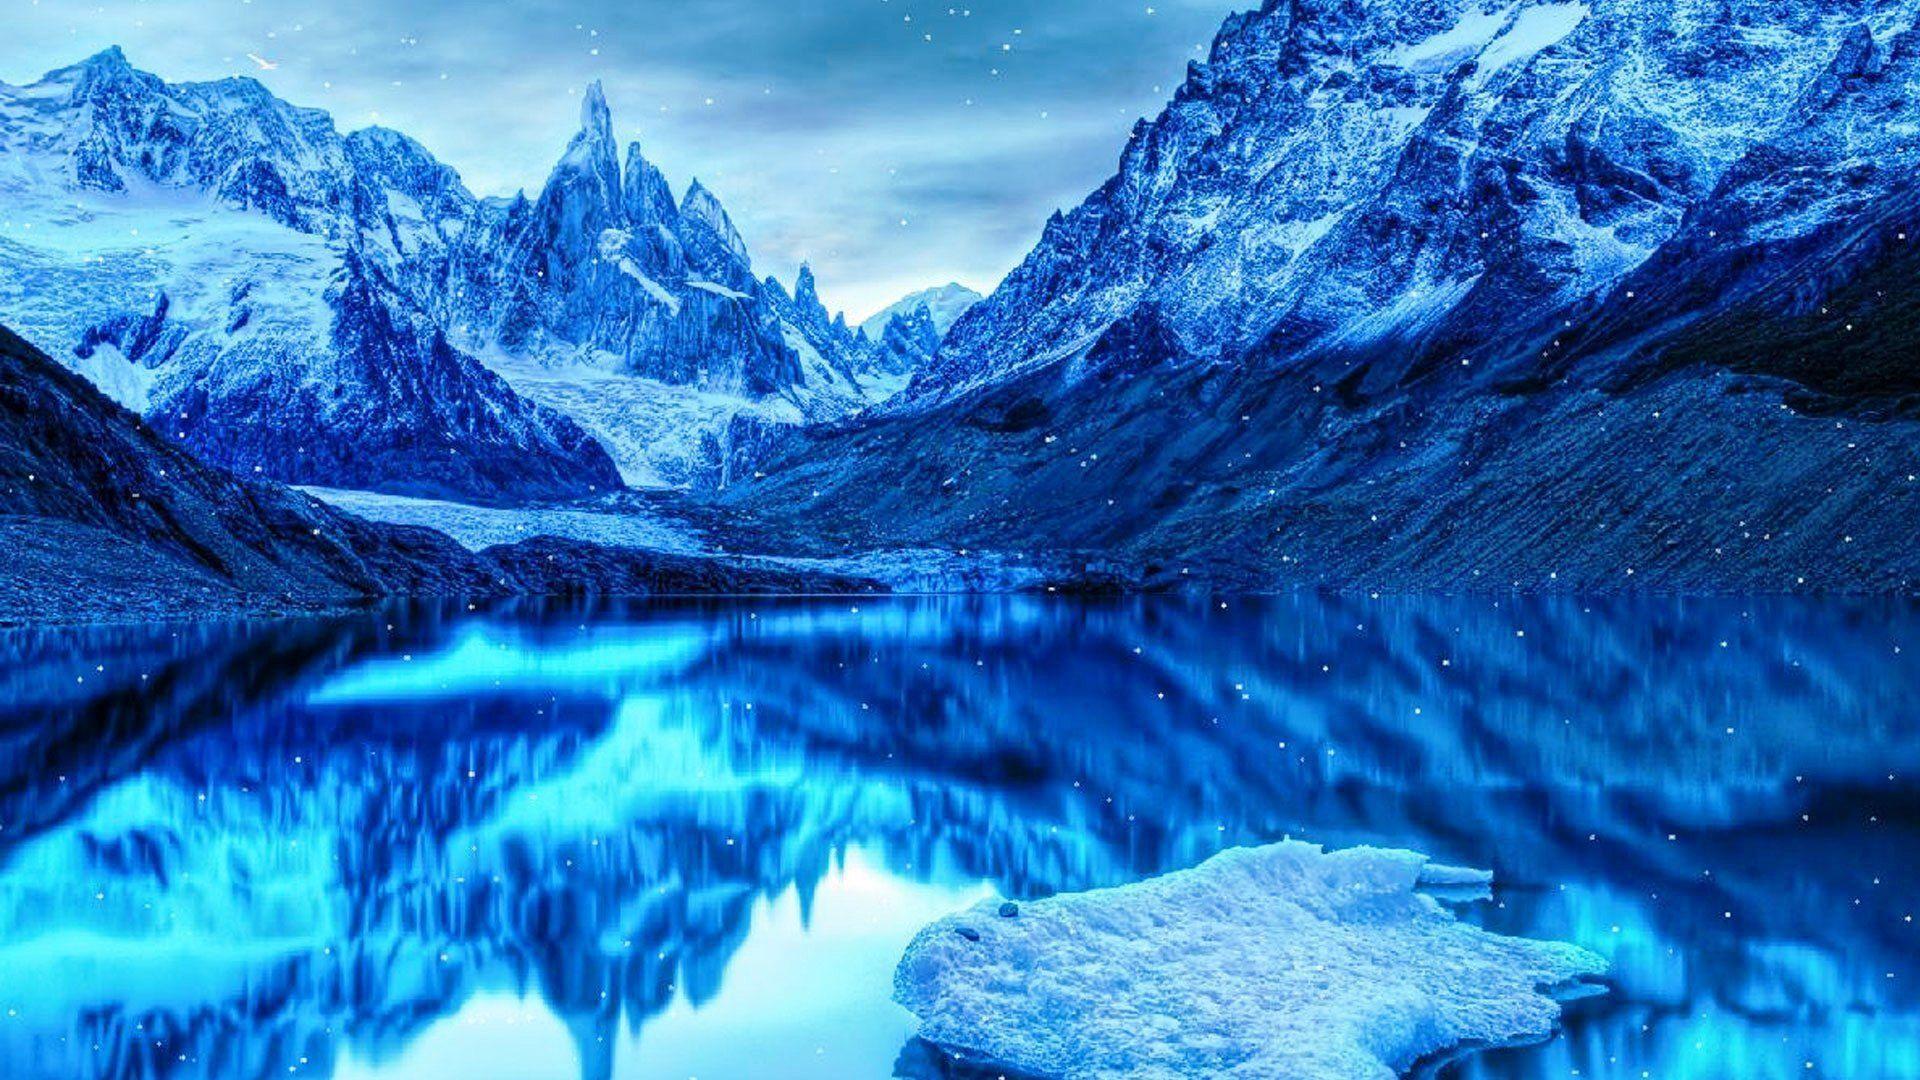 Mountains Snow Ice Lake